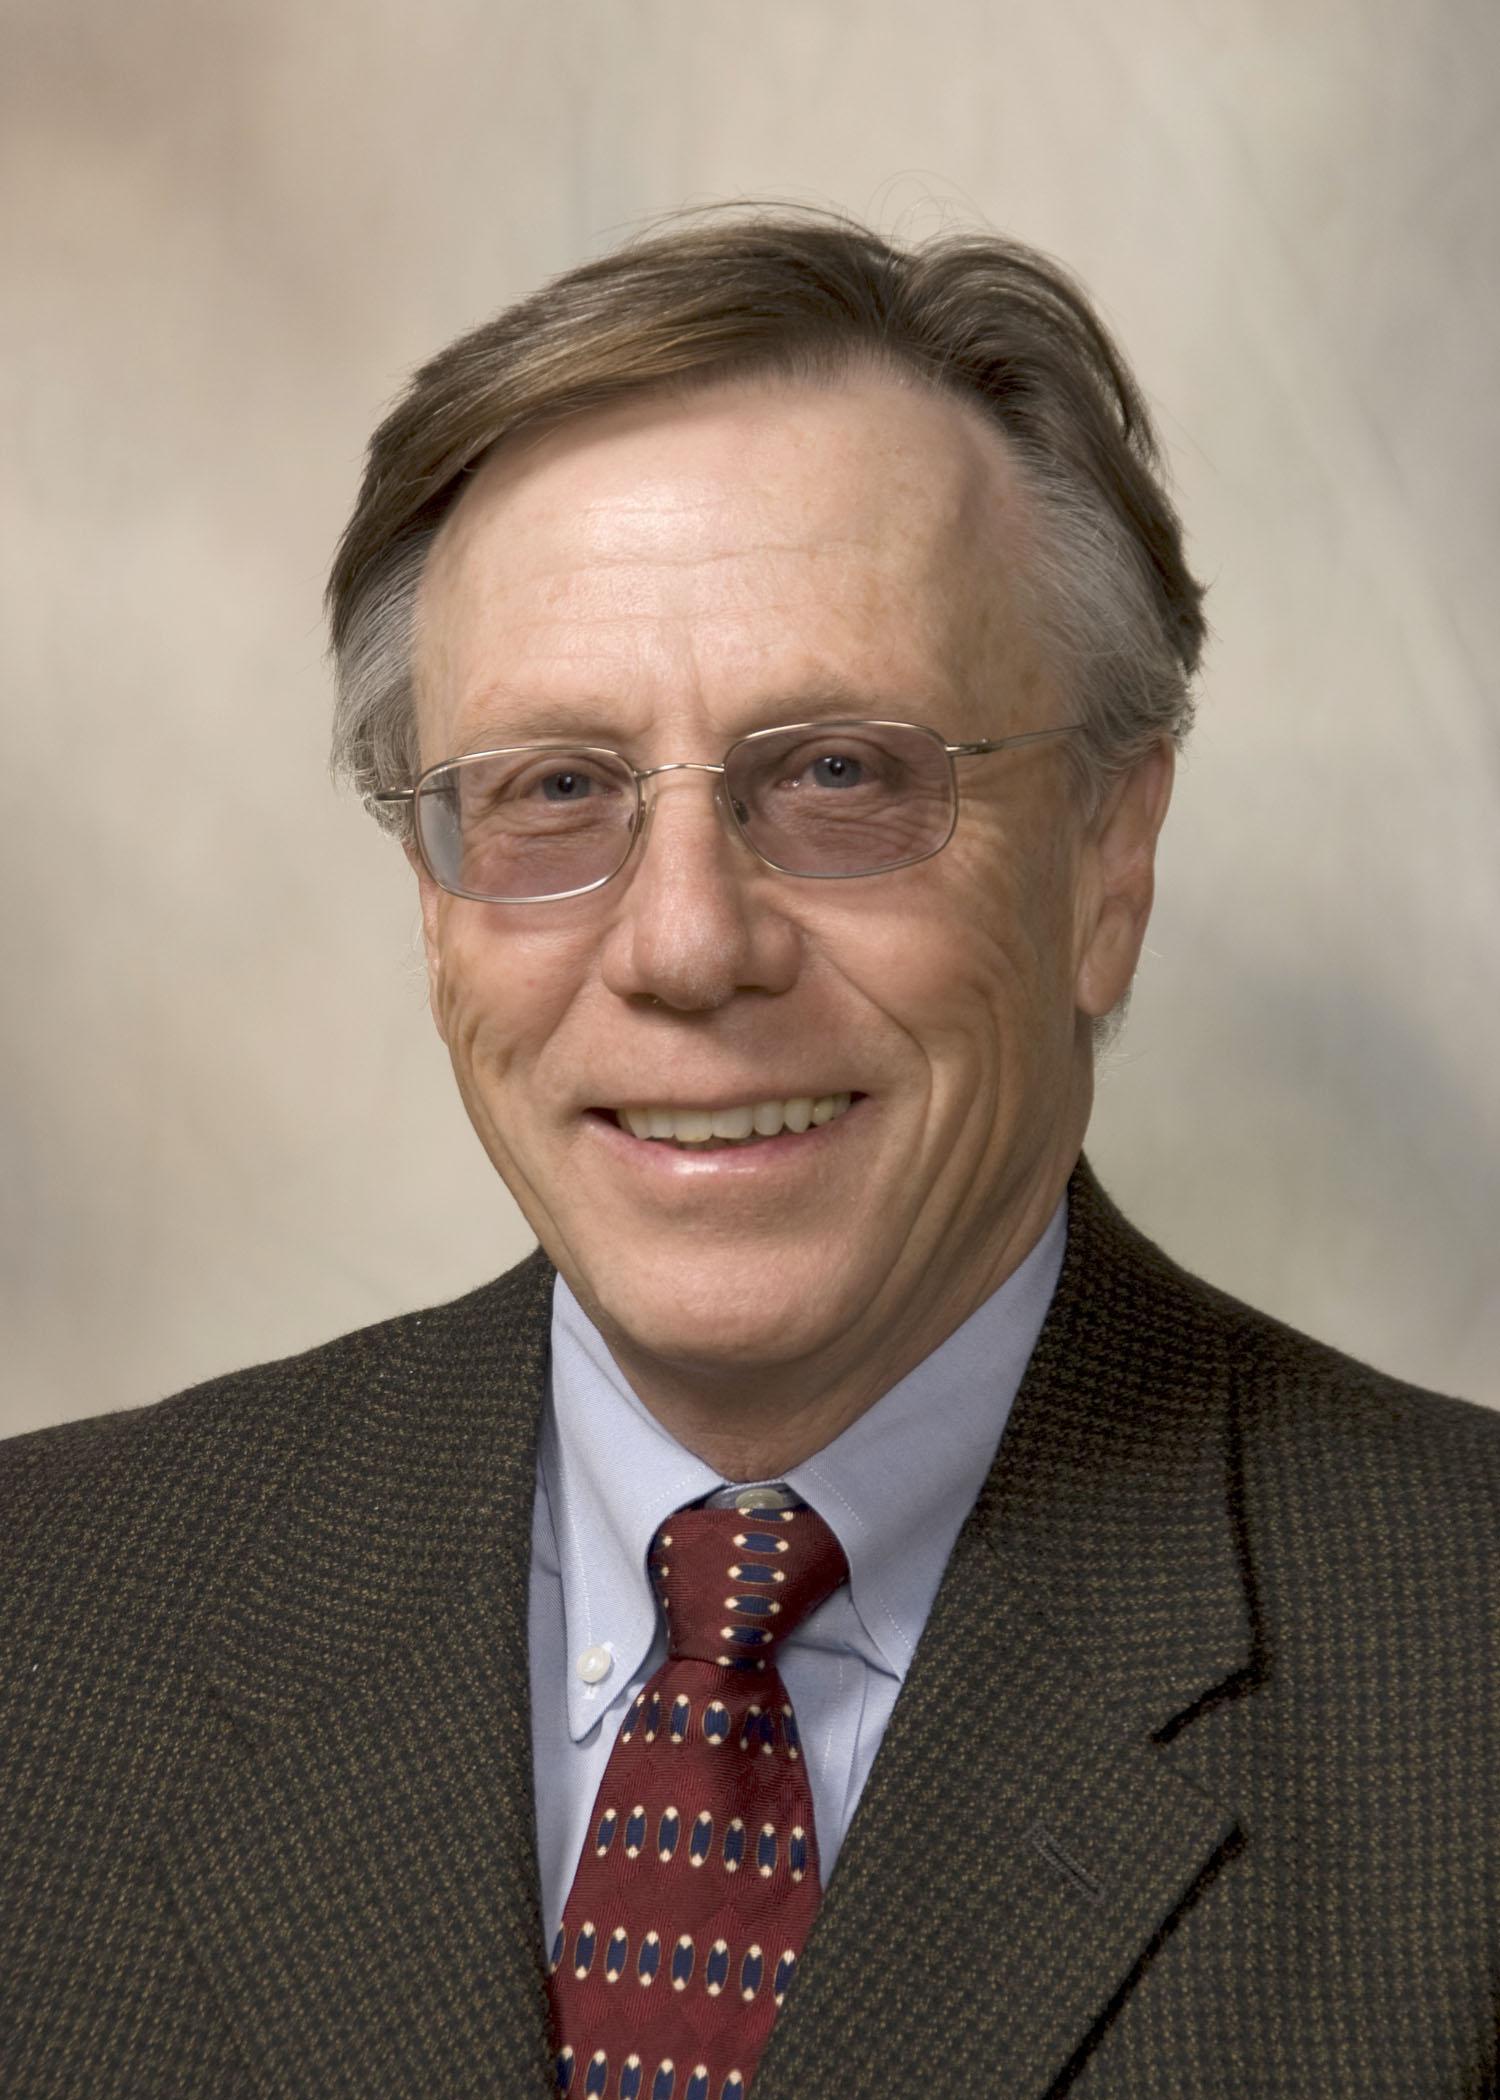 Richard M. Kaminski